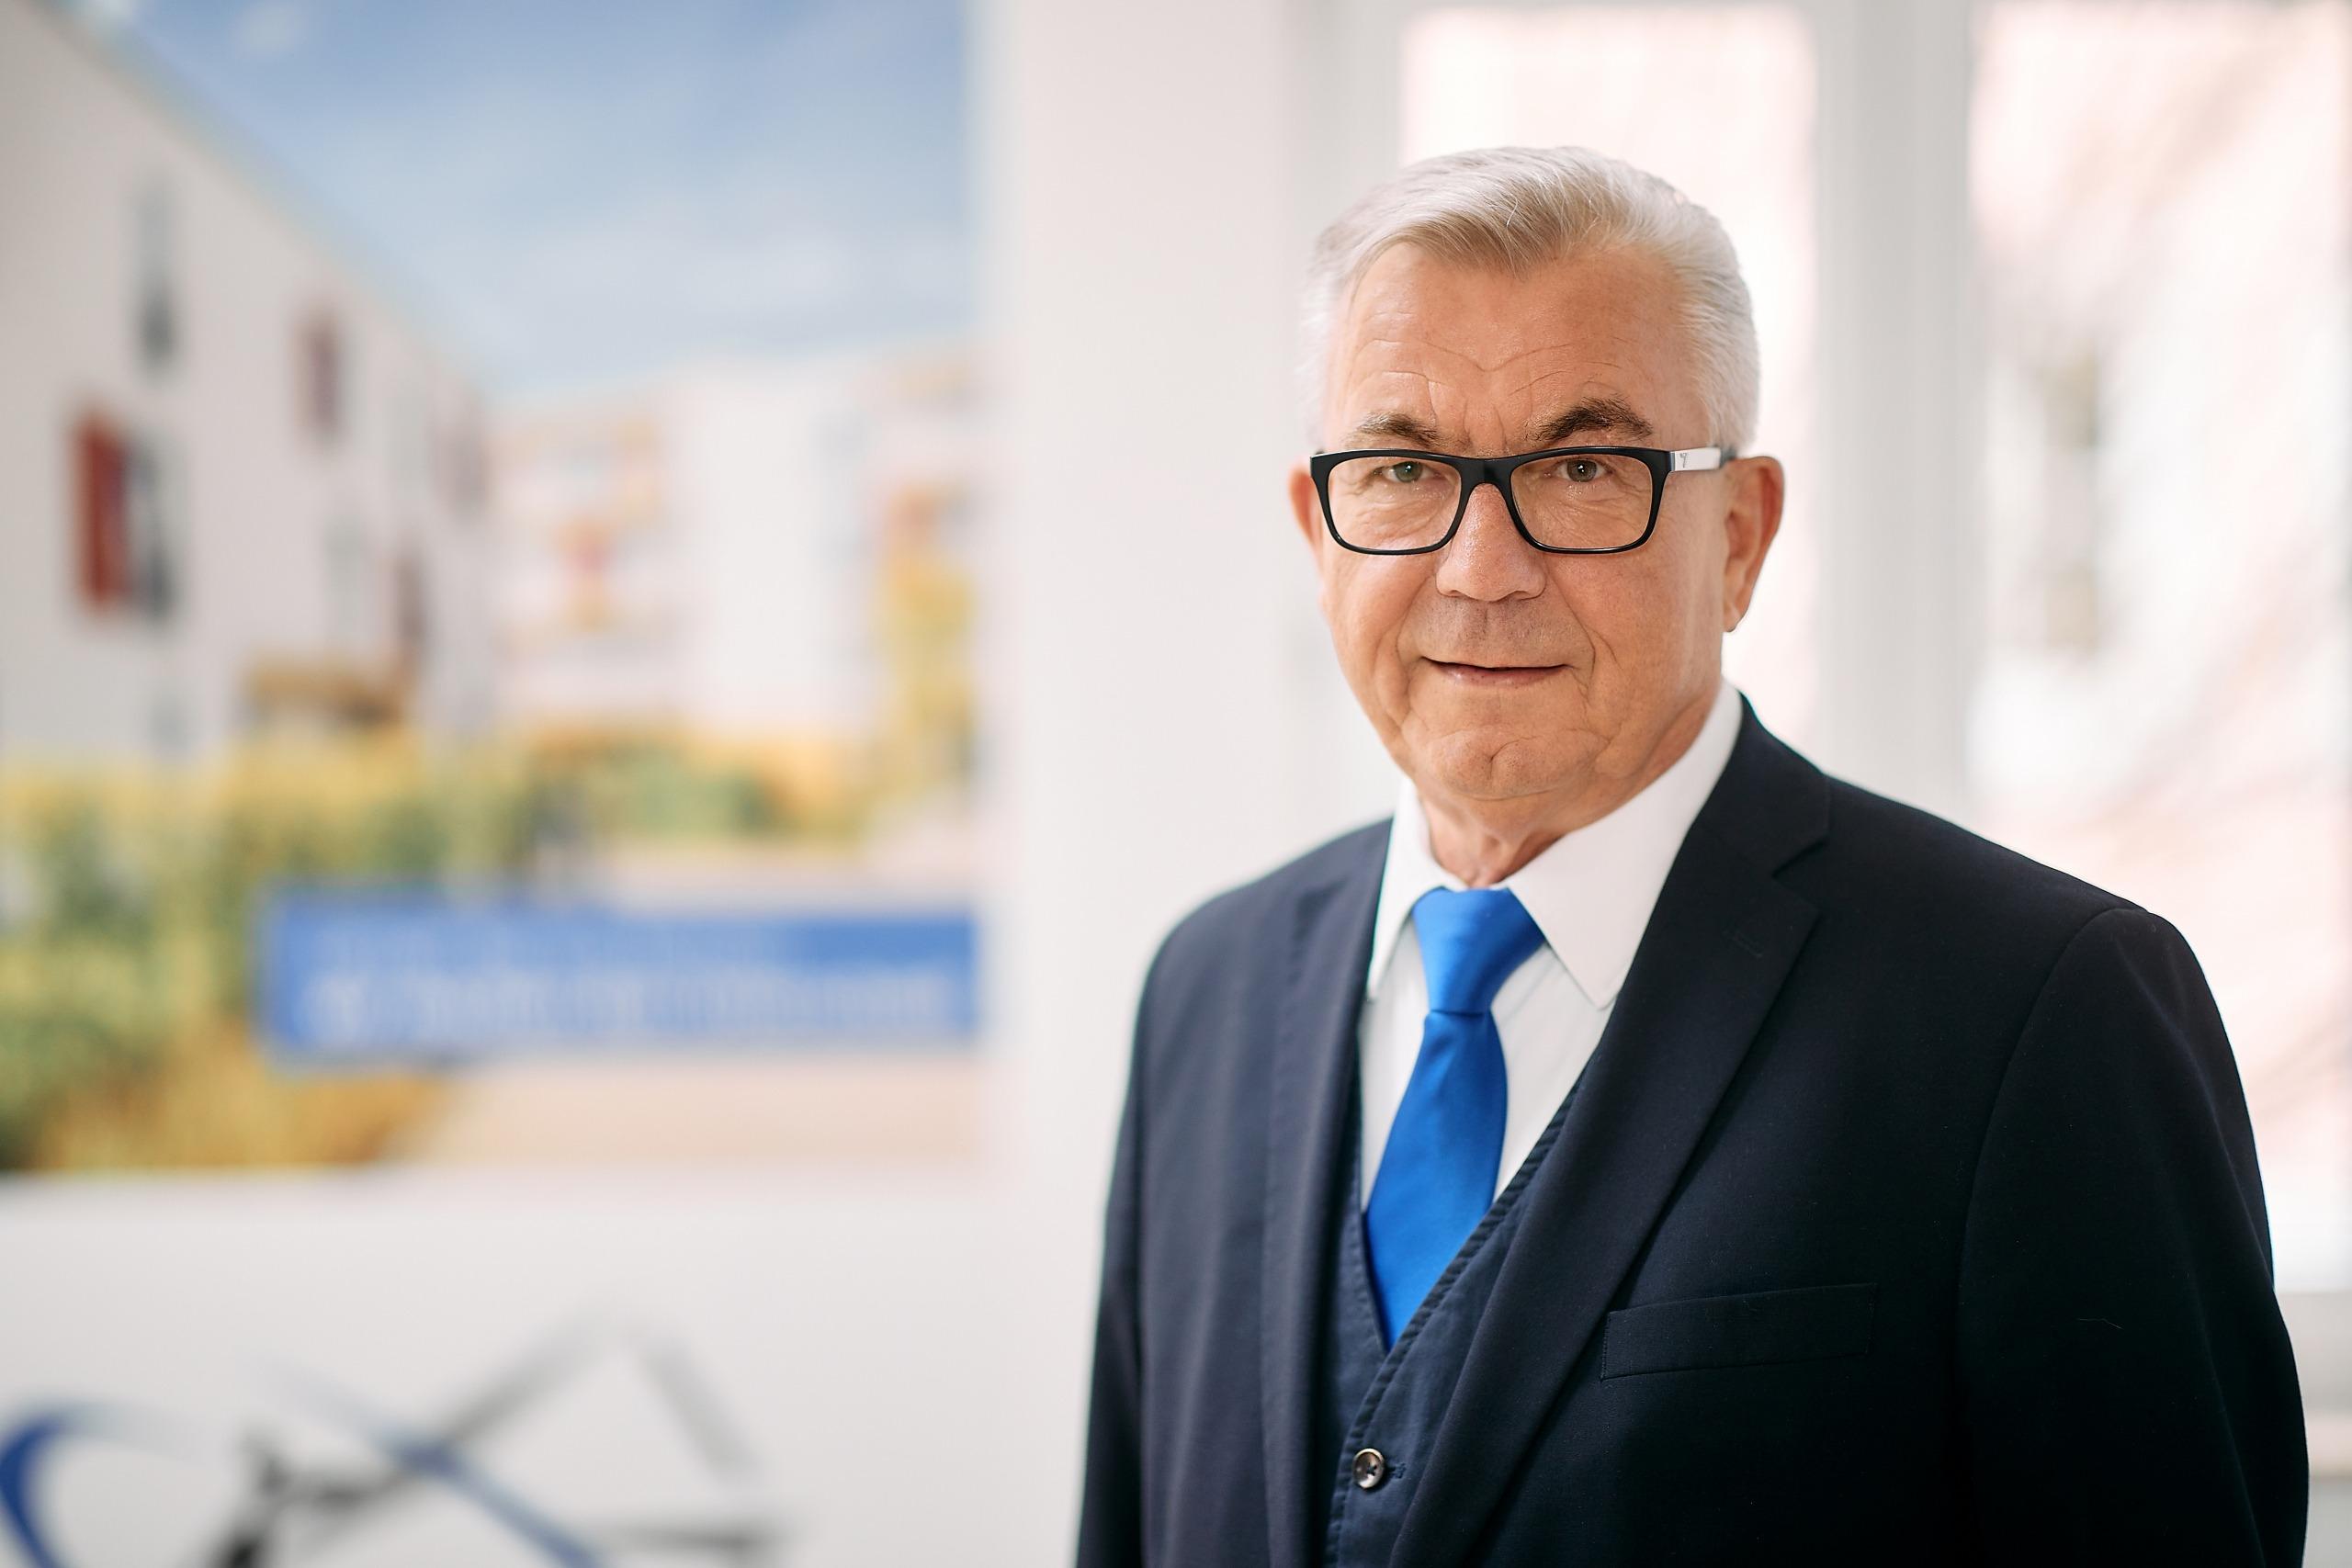 Manfred Schall